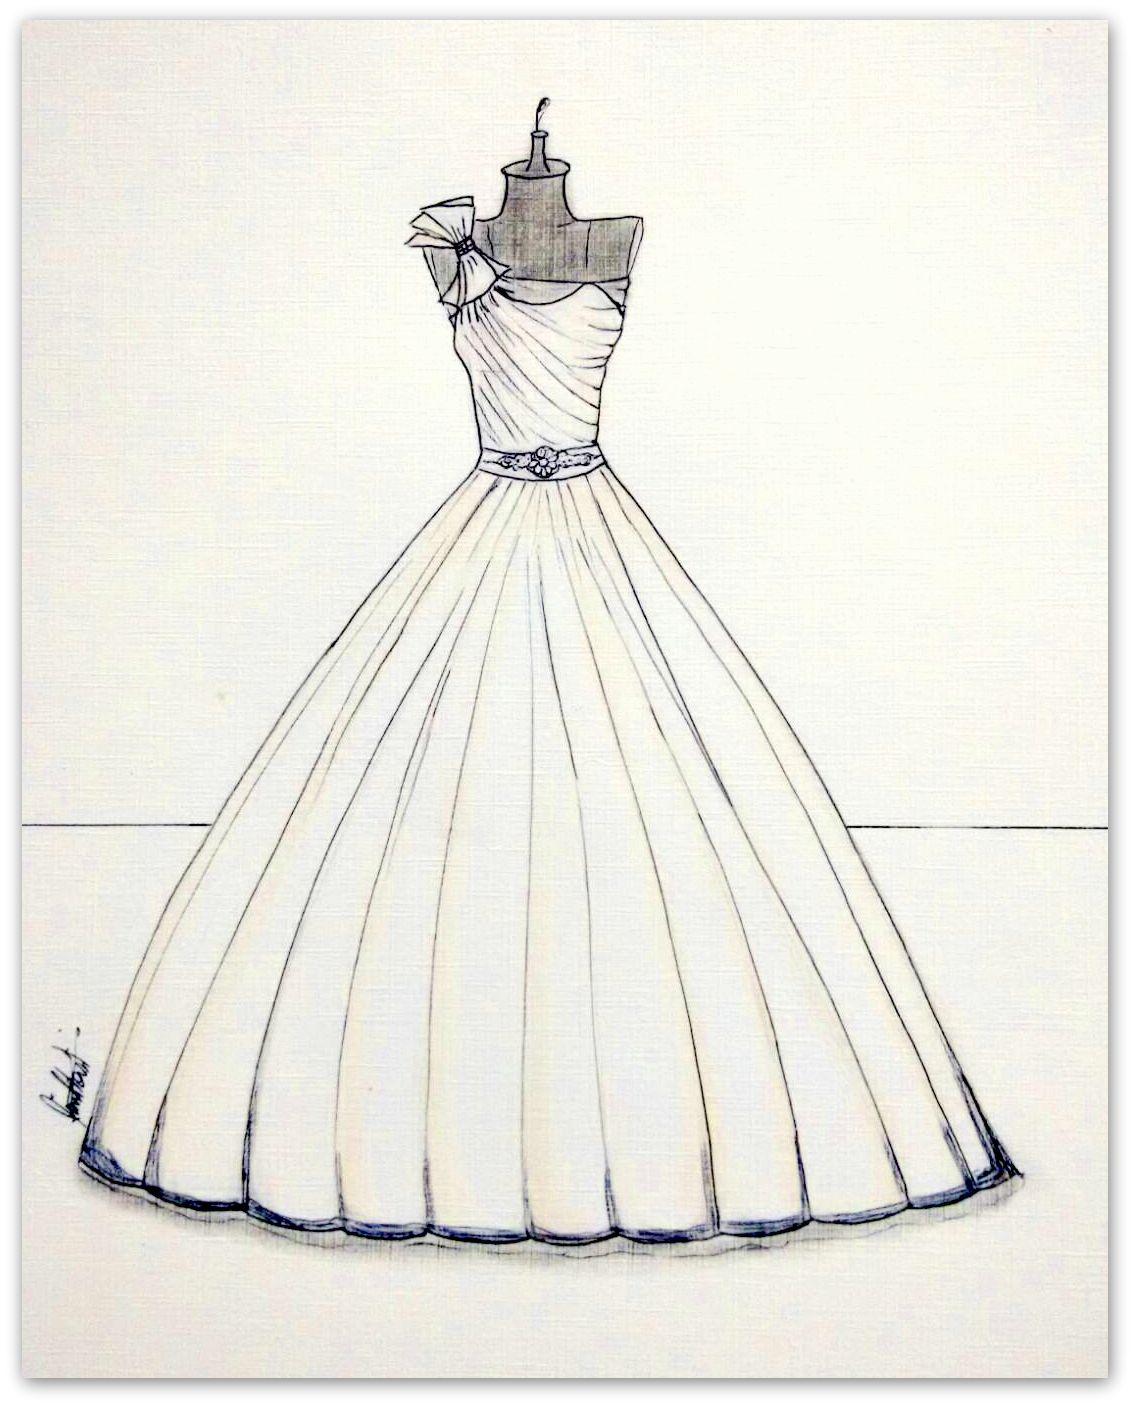 Ilustracao De Vestido De Noiva No Elo7 Noiva Arte Ilustrada 65bba4